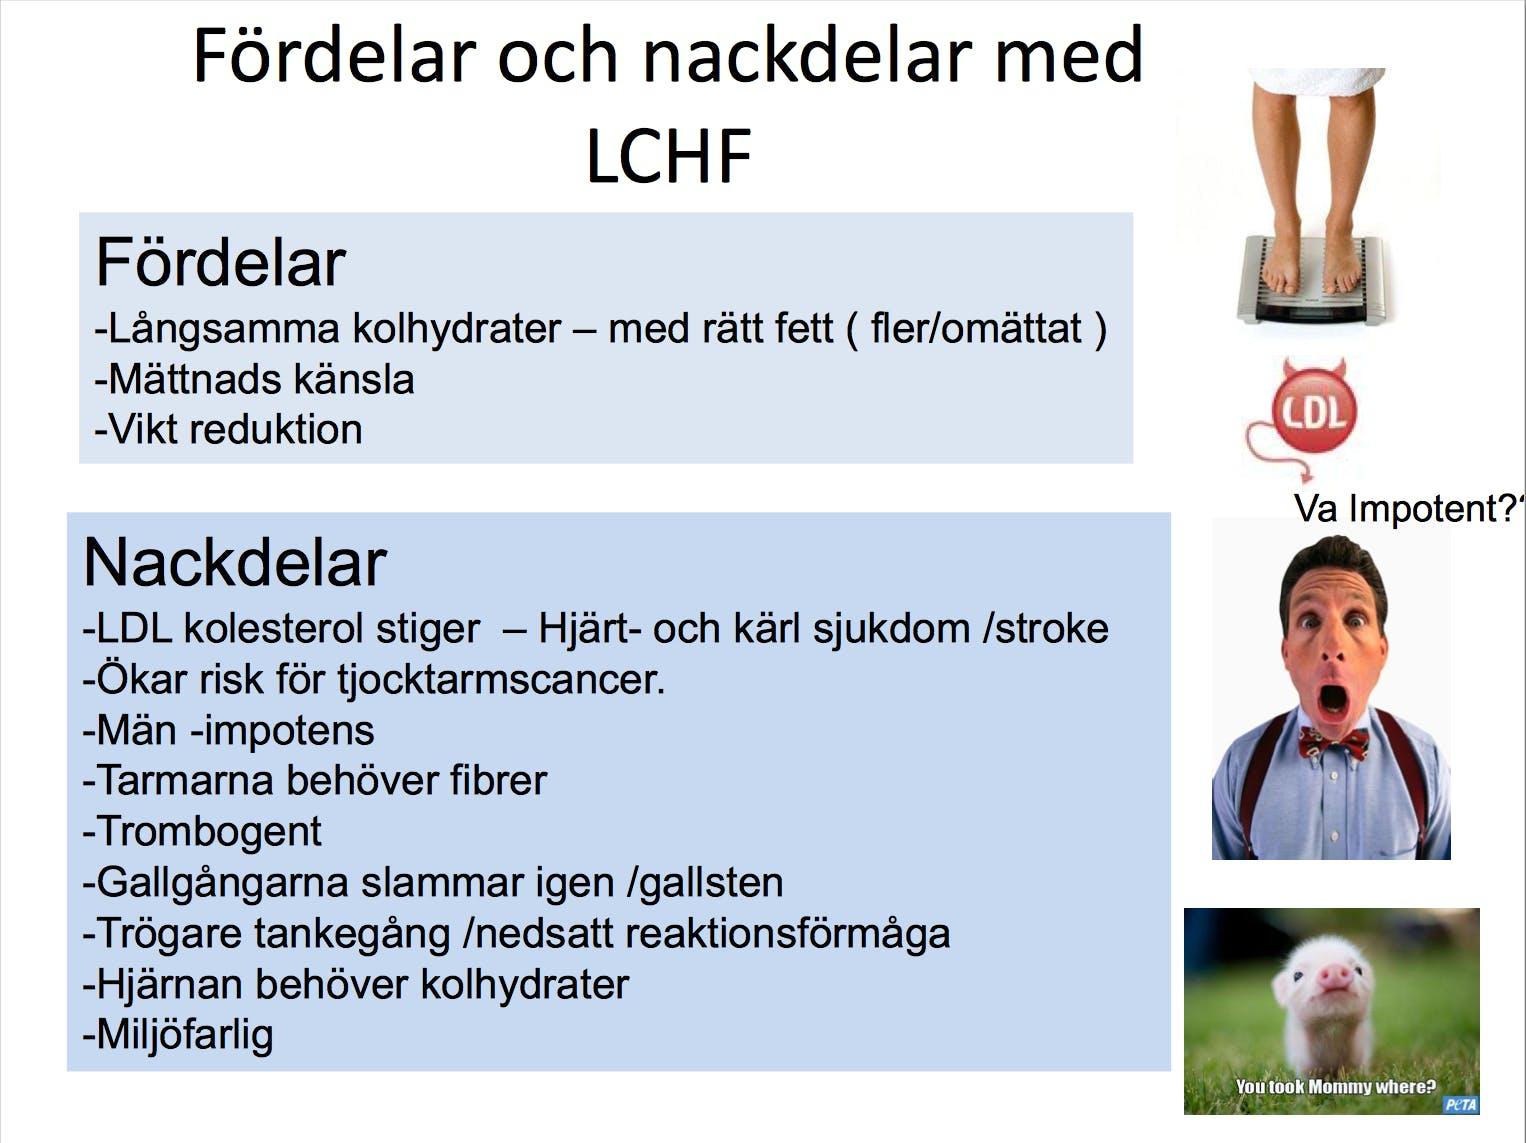 Pseudovetenskaplig skrämselpropaganda mot LCHF